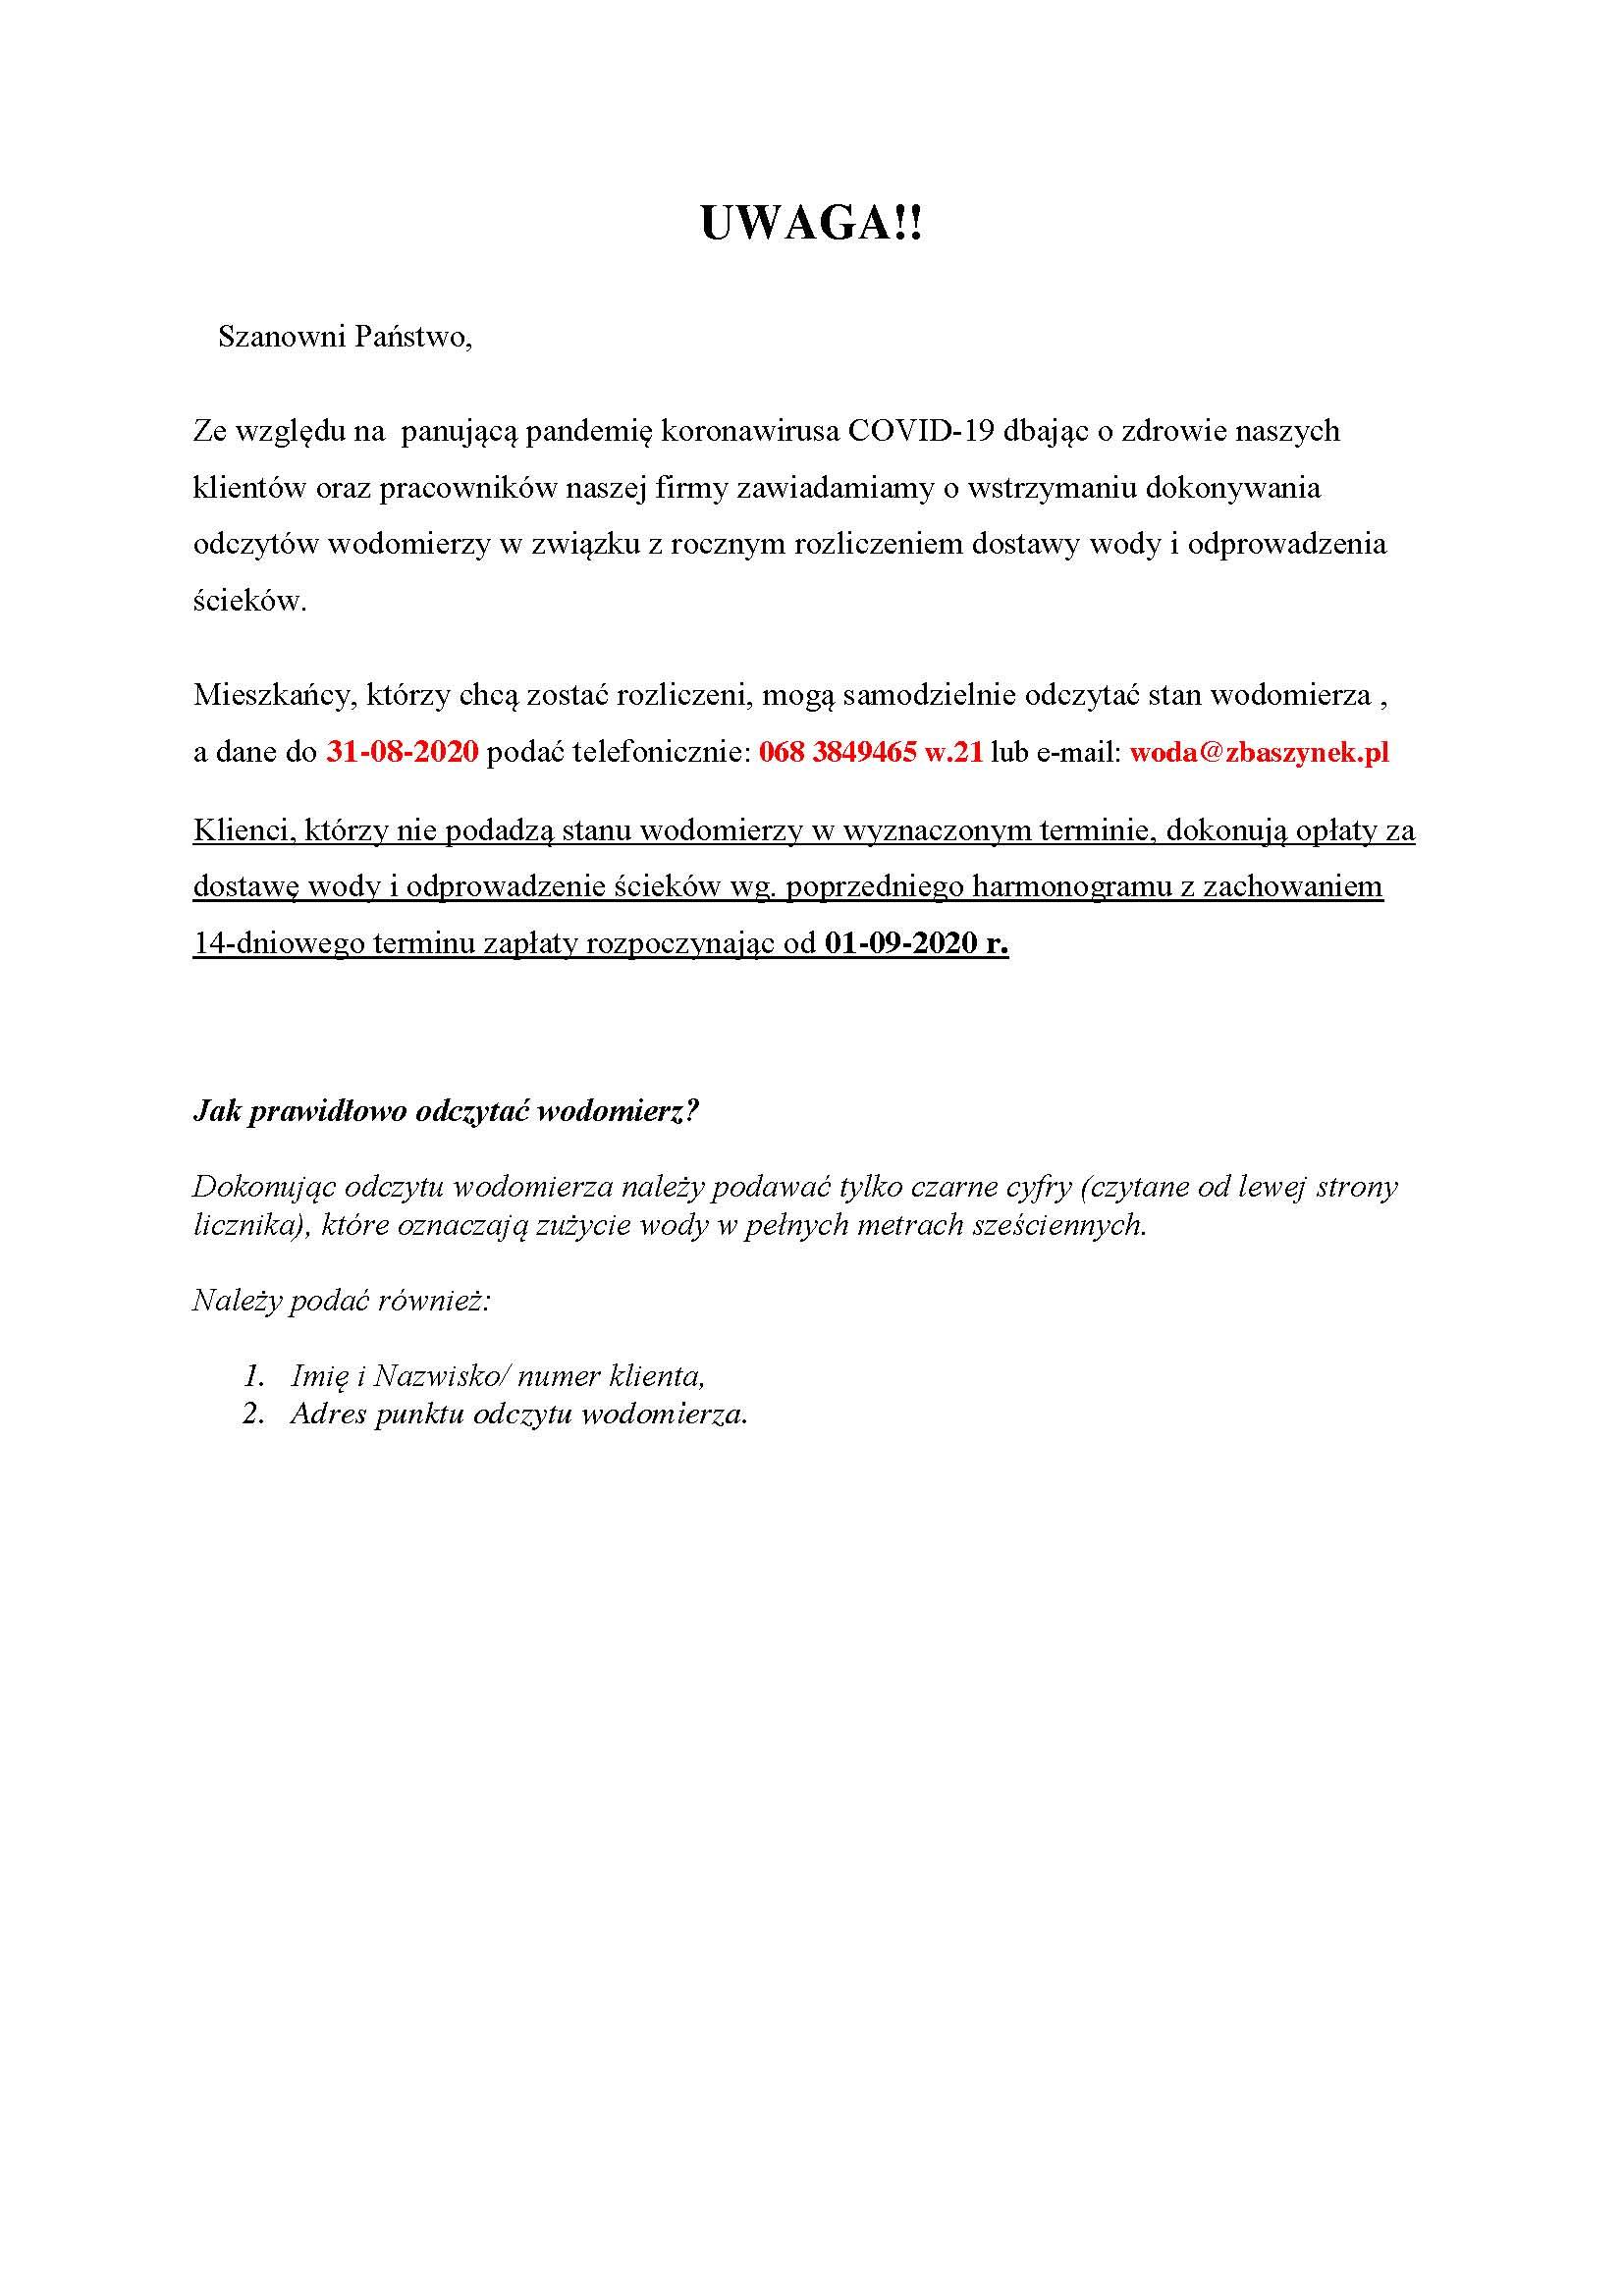 Ilustracja do informacji: Komunikat - odczyty wodomierzy